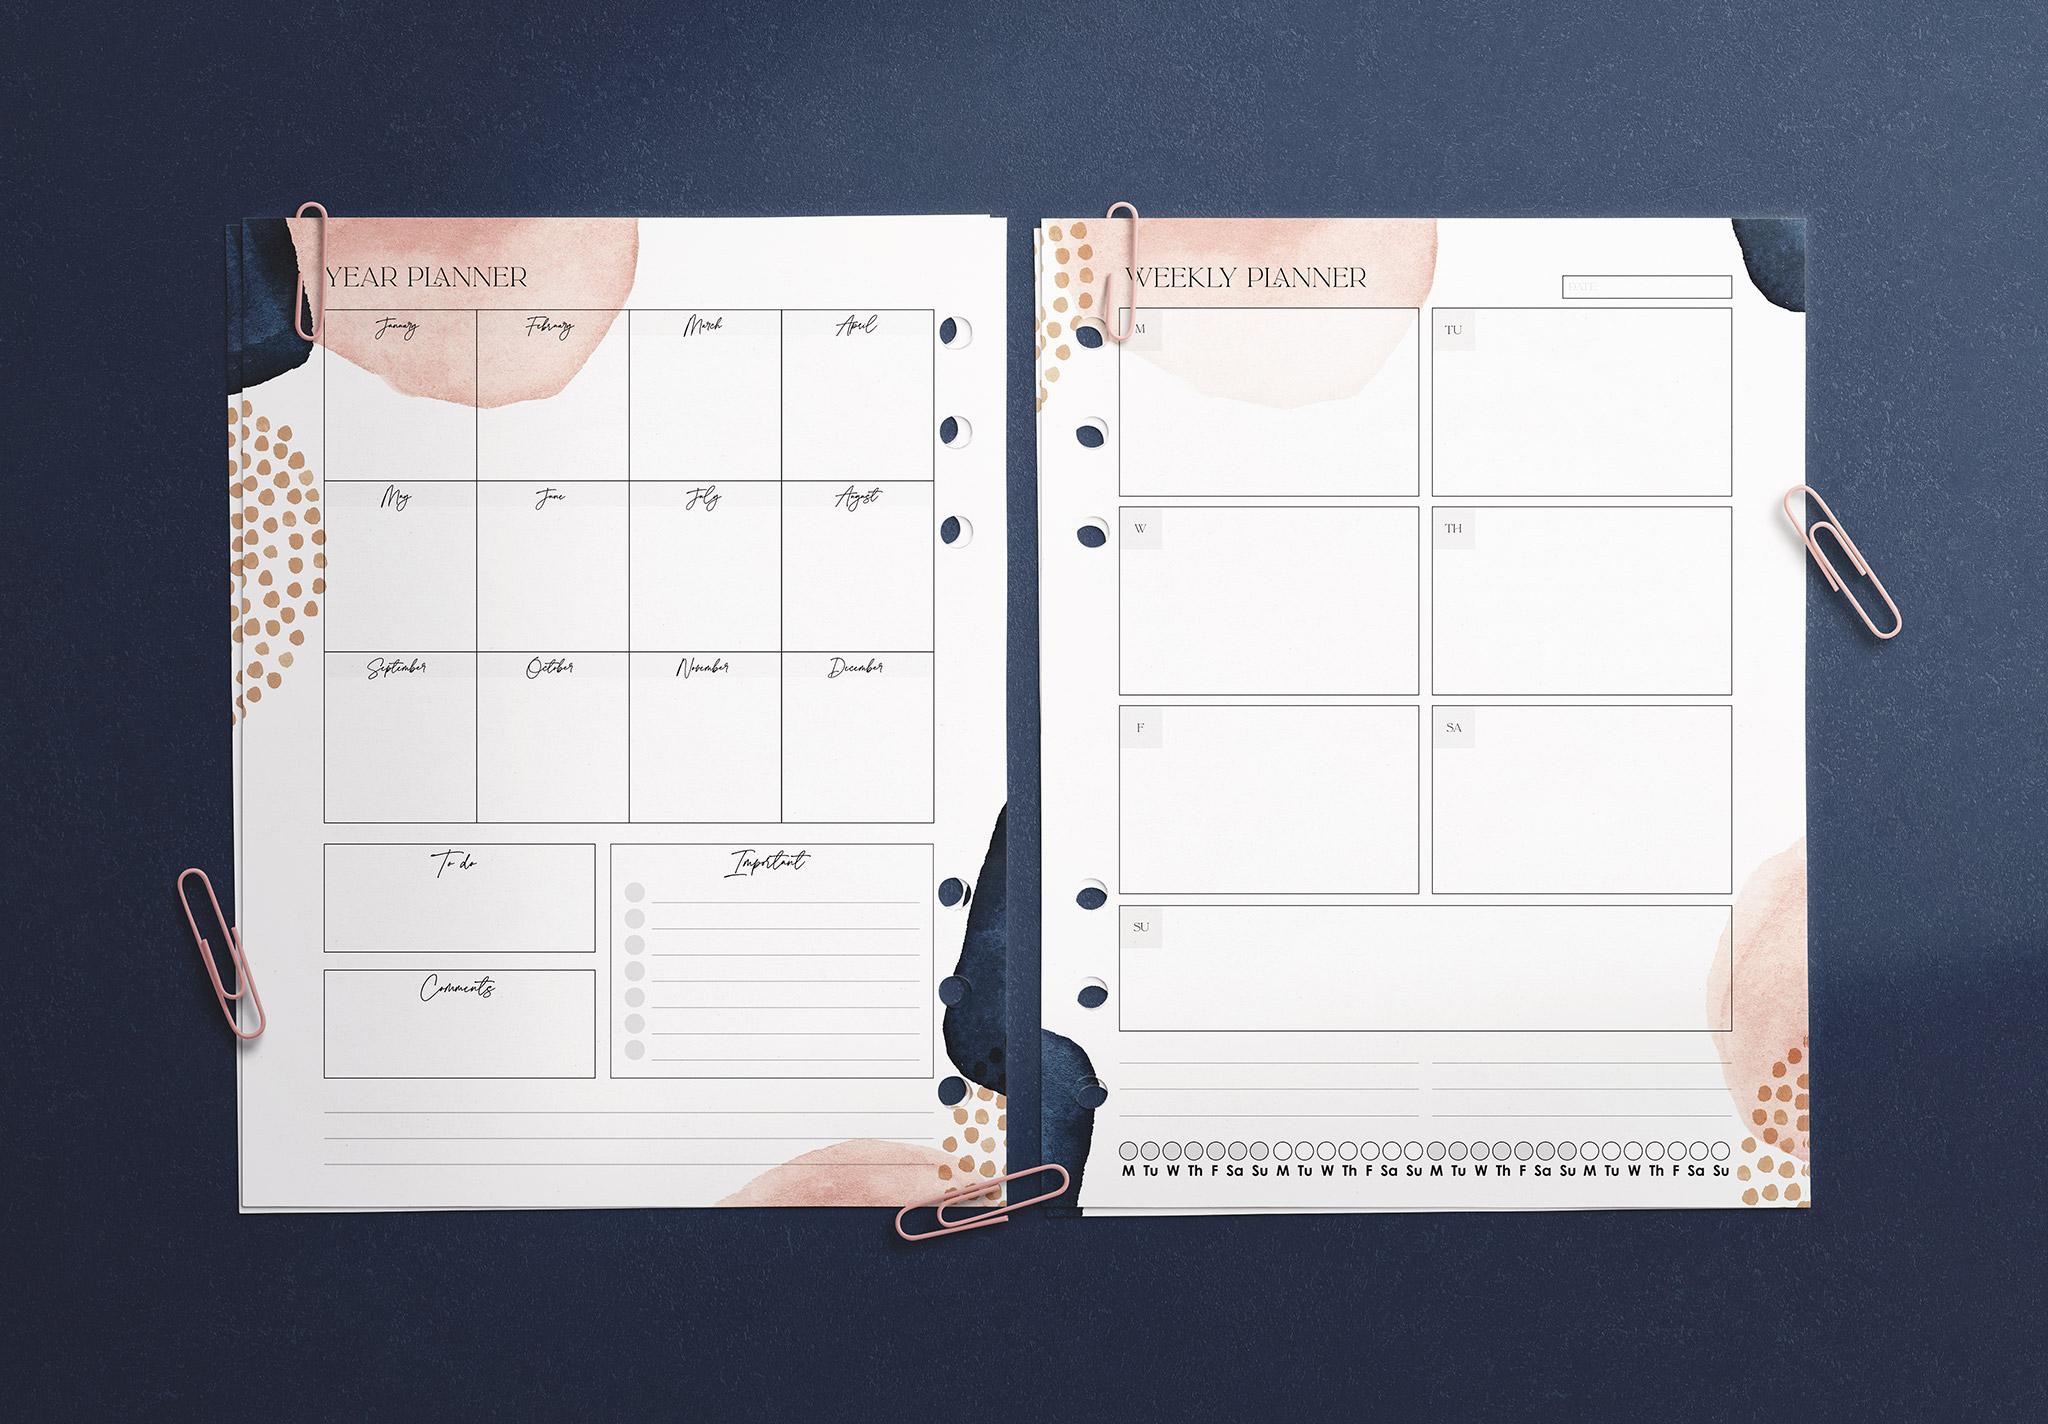 Planner Inserts US Letter Size Mockup image03